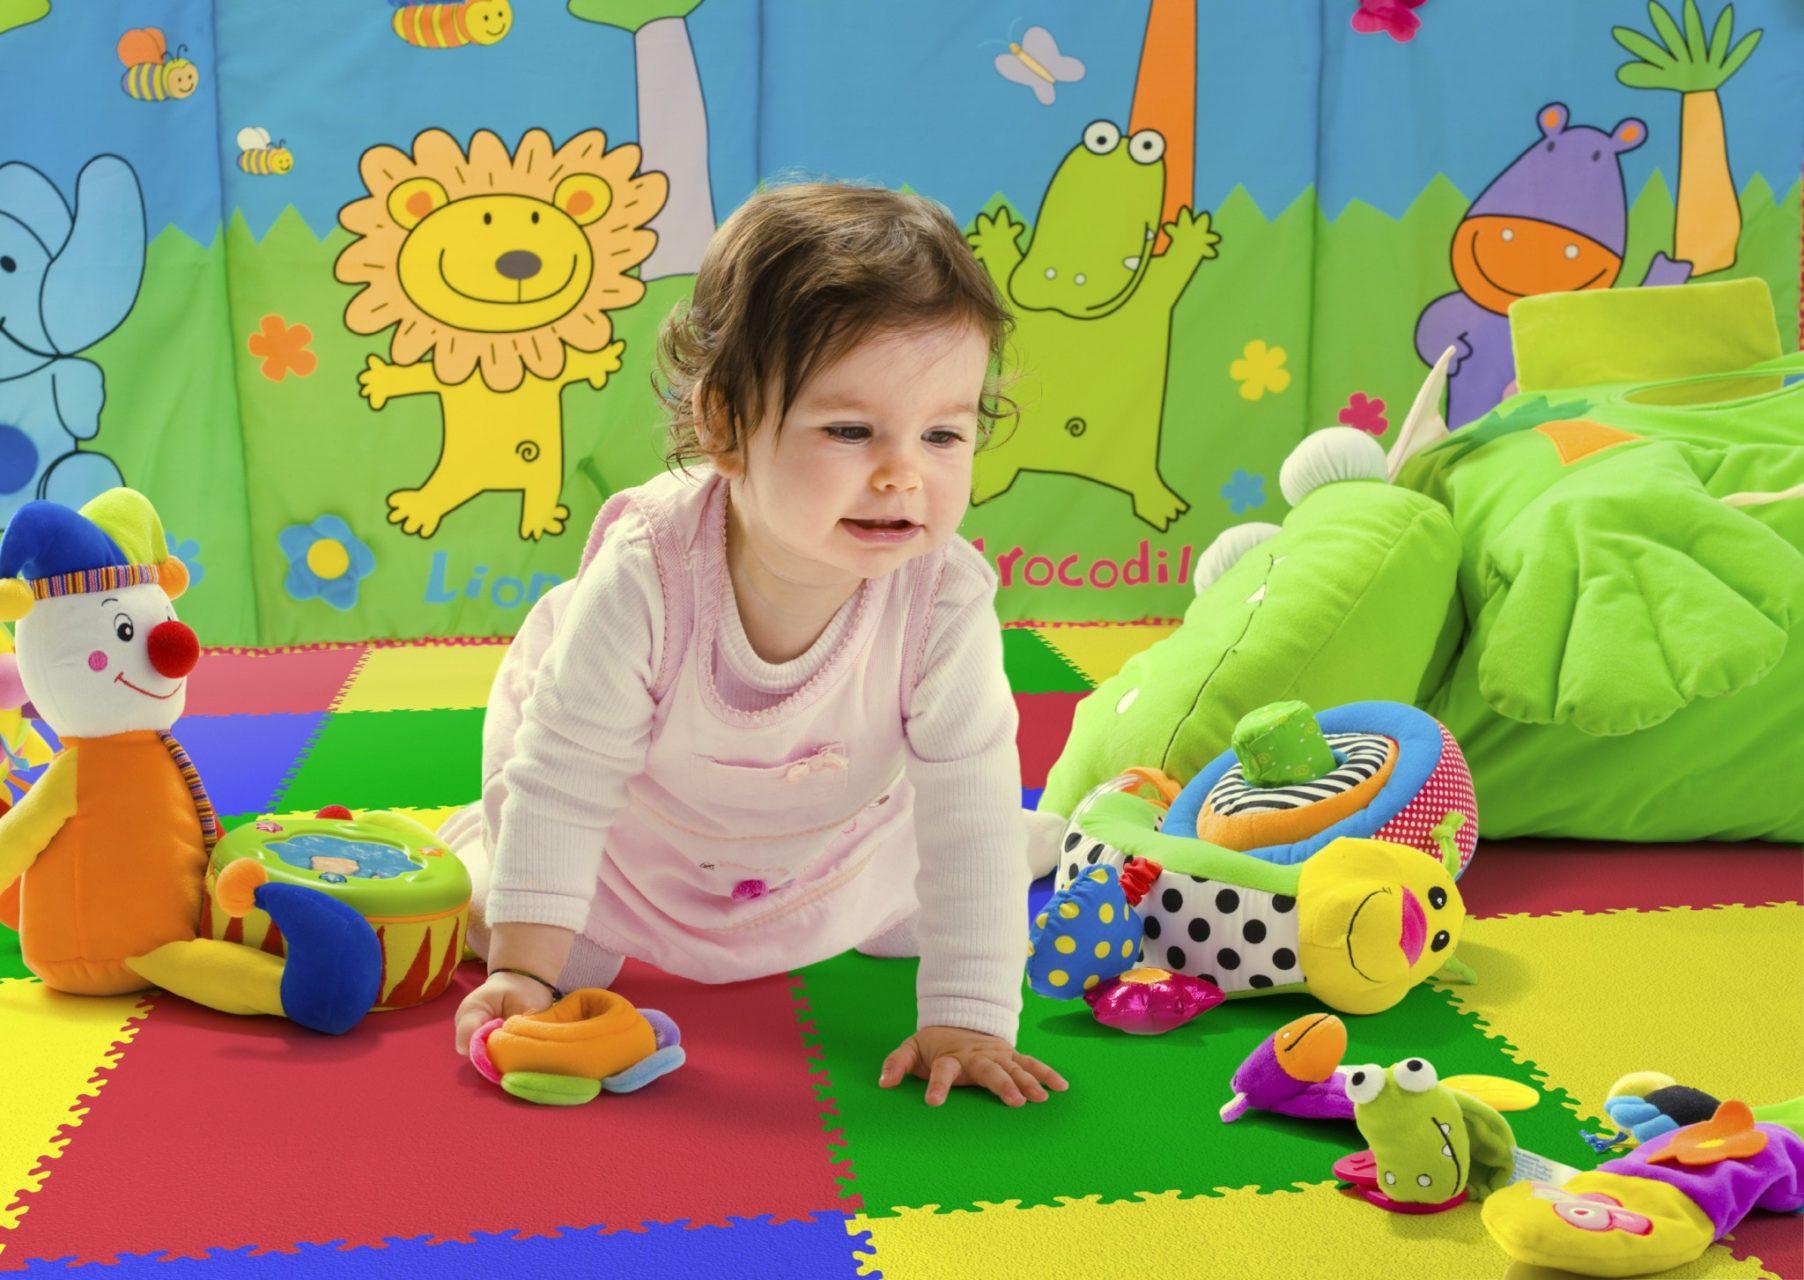 gewerbeboden-heimboden-jp-mechanic-light-pvc-fliese-platte-kinderspielzimmer-indoorspielplätze